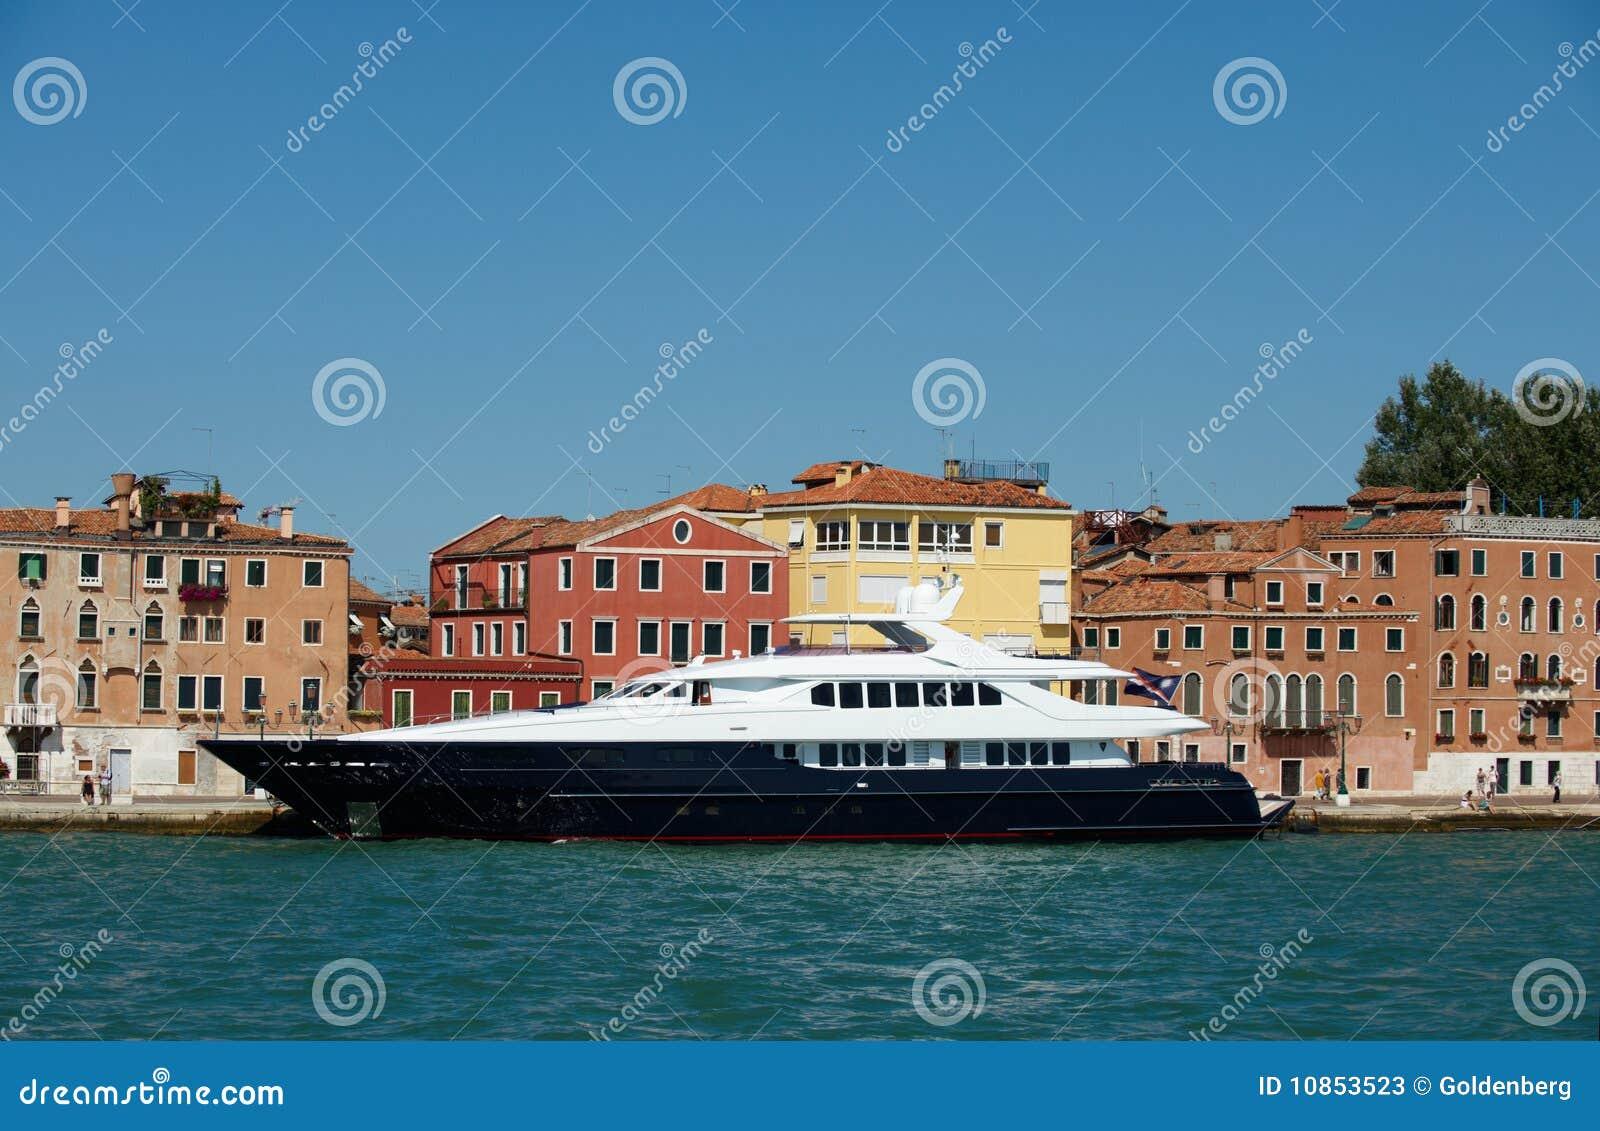 Luxury yacht in Europe